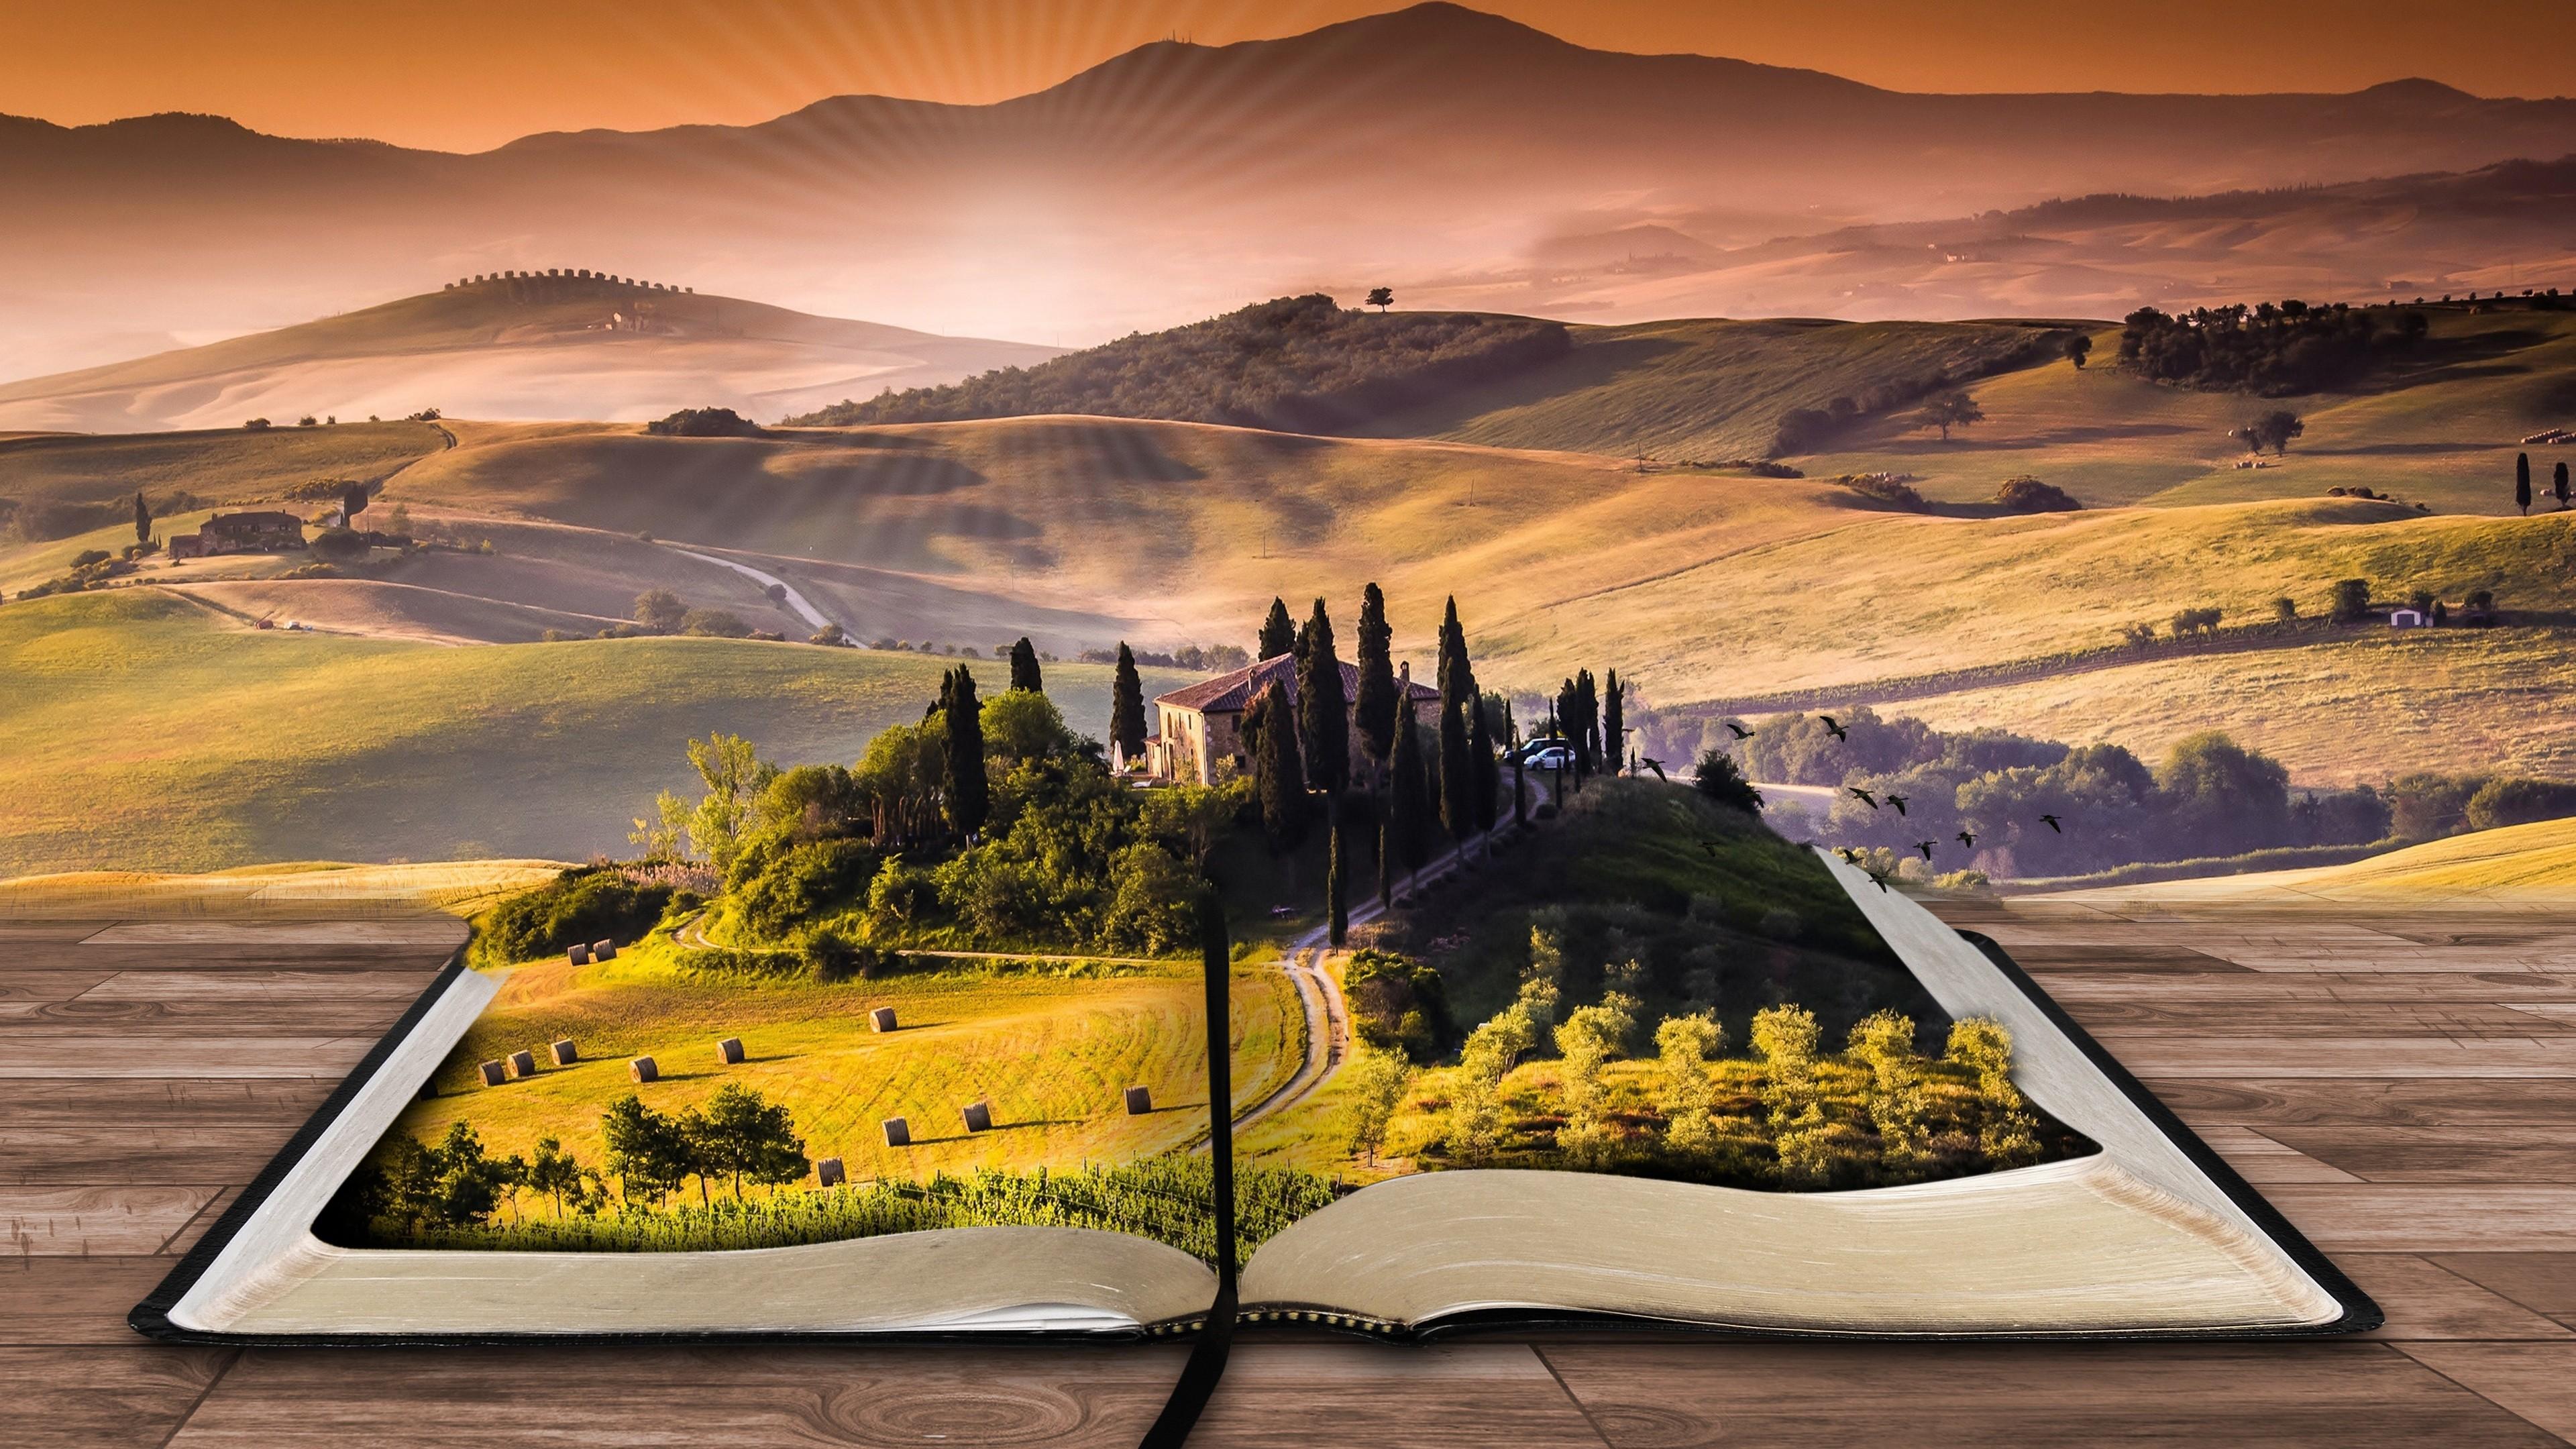 Ландшафтный дизайн -искусство в виде открытой чудесной книги на фоне гор и холмов